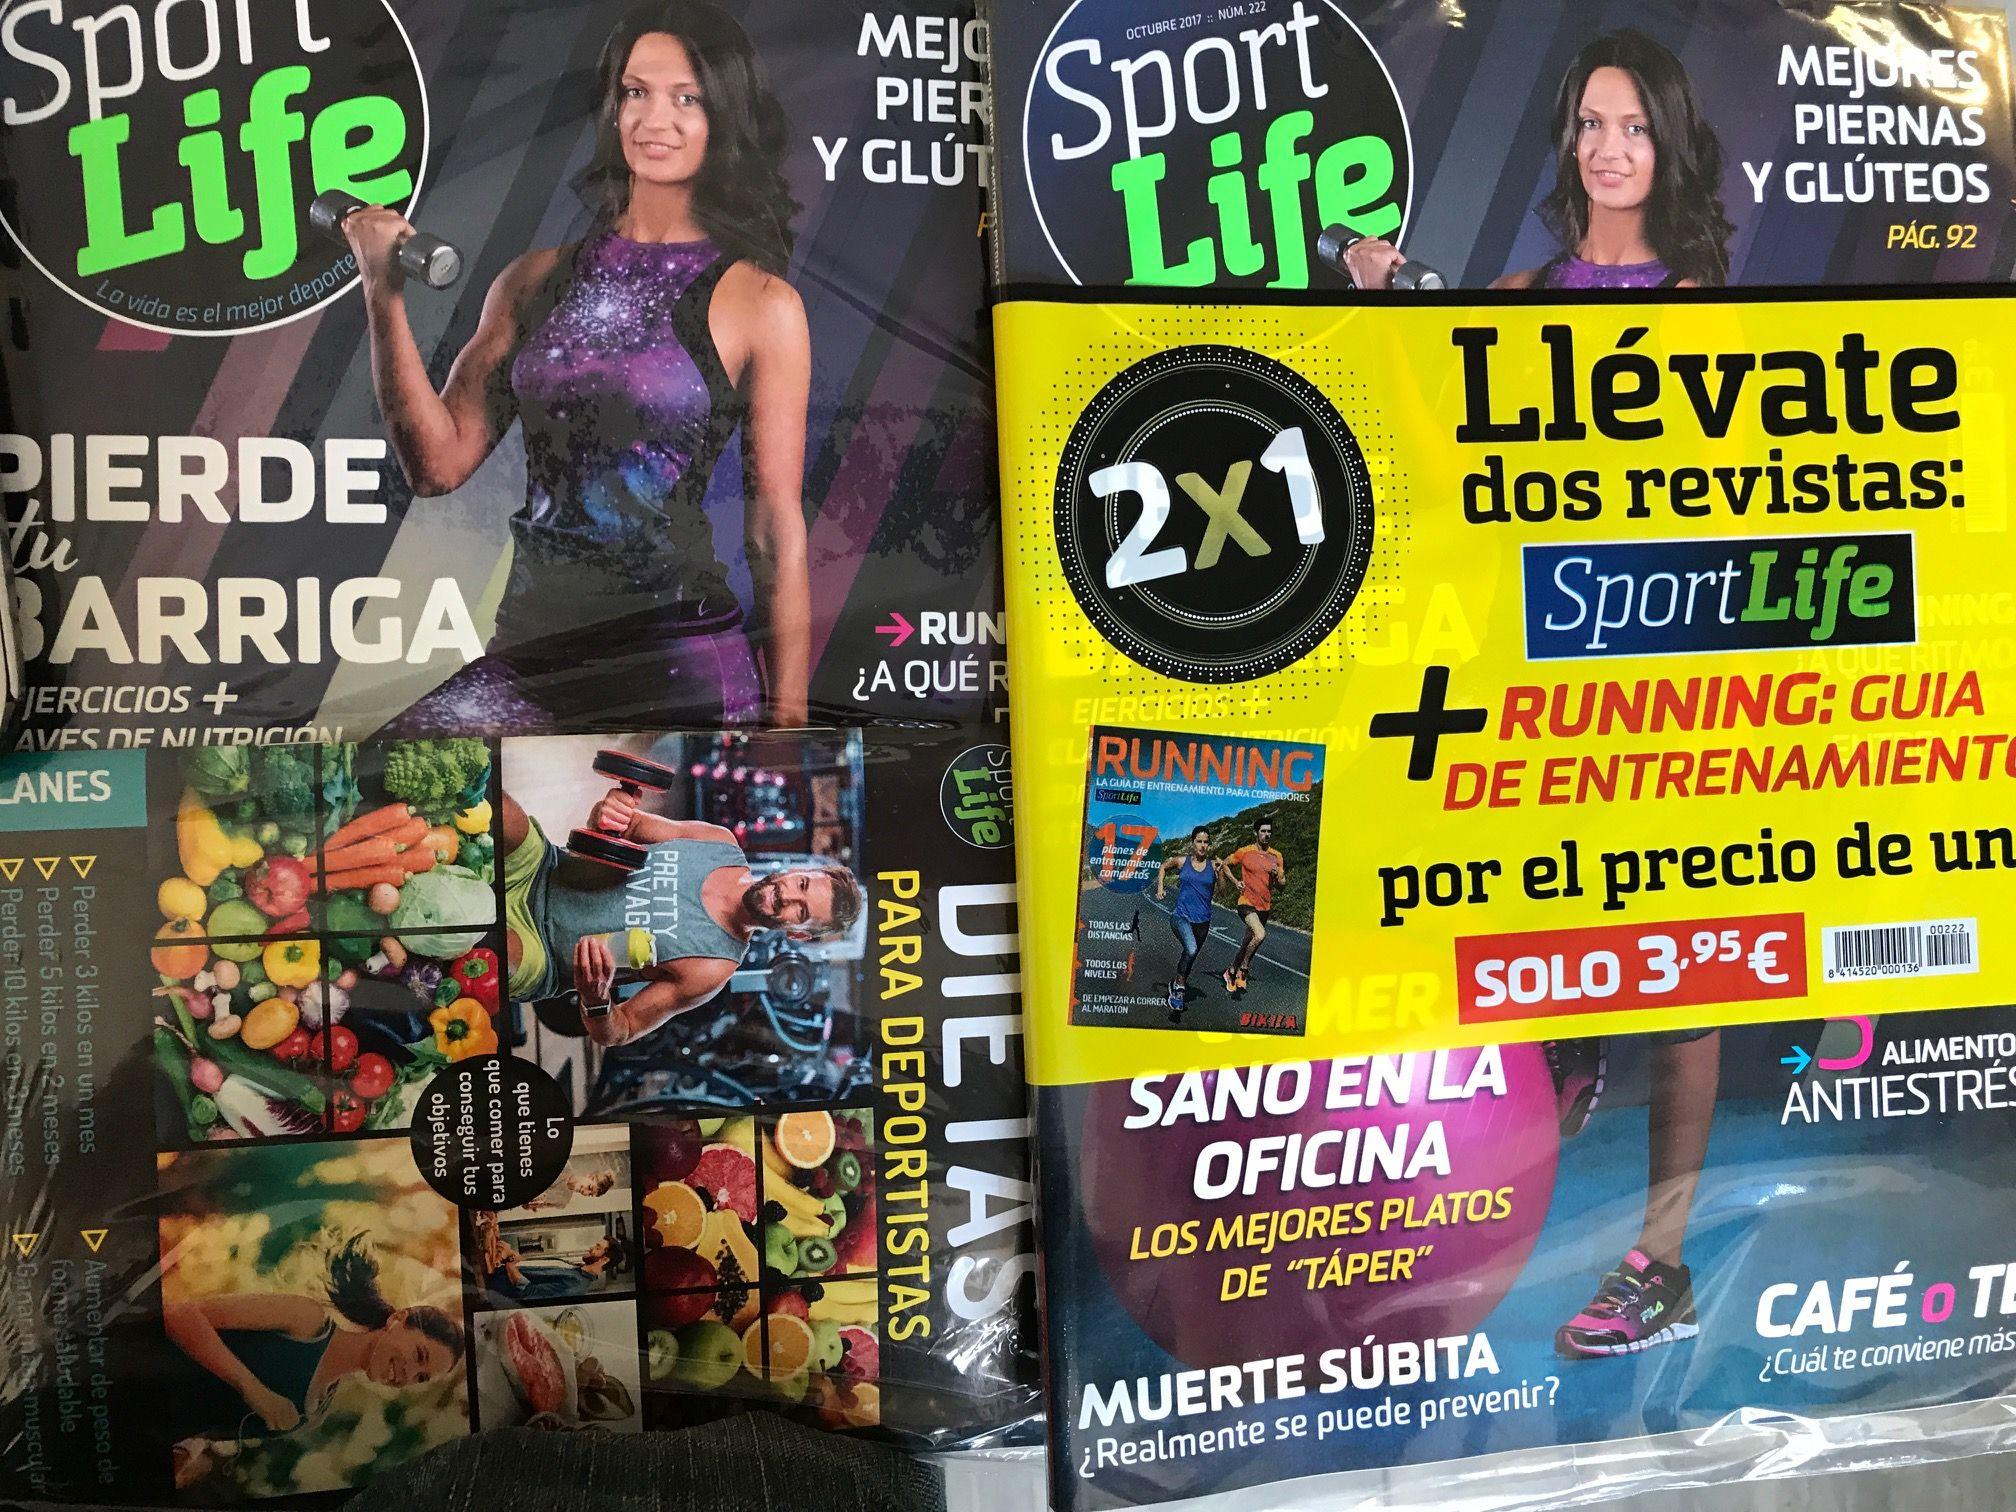 ¡No te pierdas la oferta de este mes de Sport Life en el kiosco!